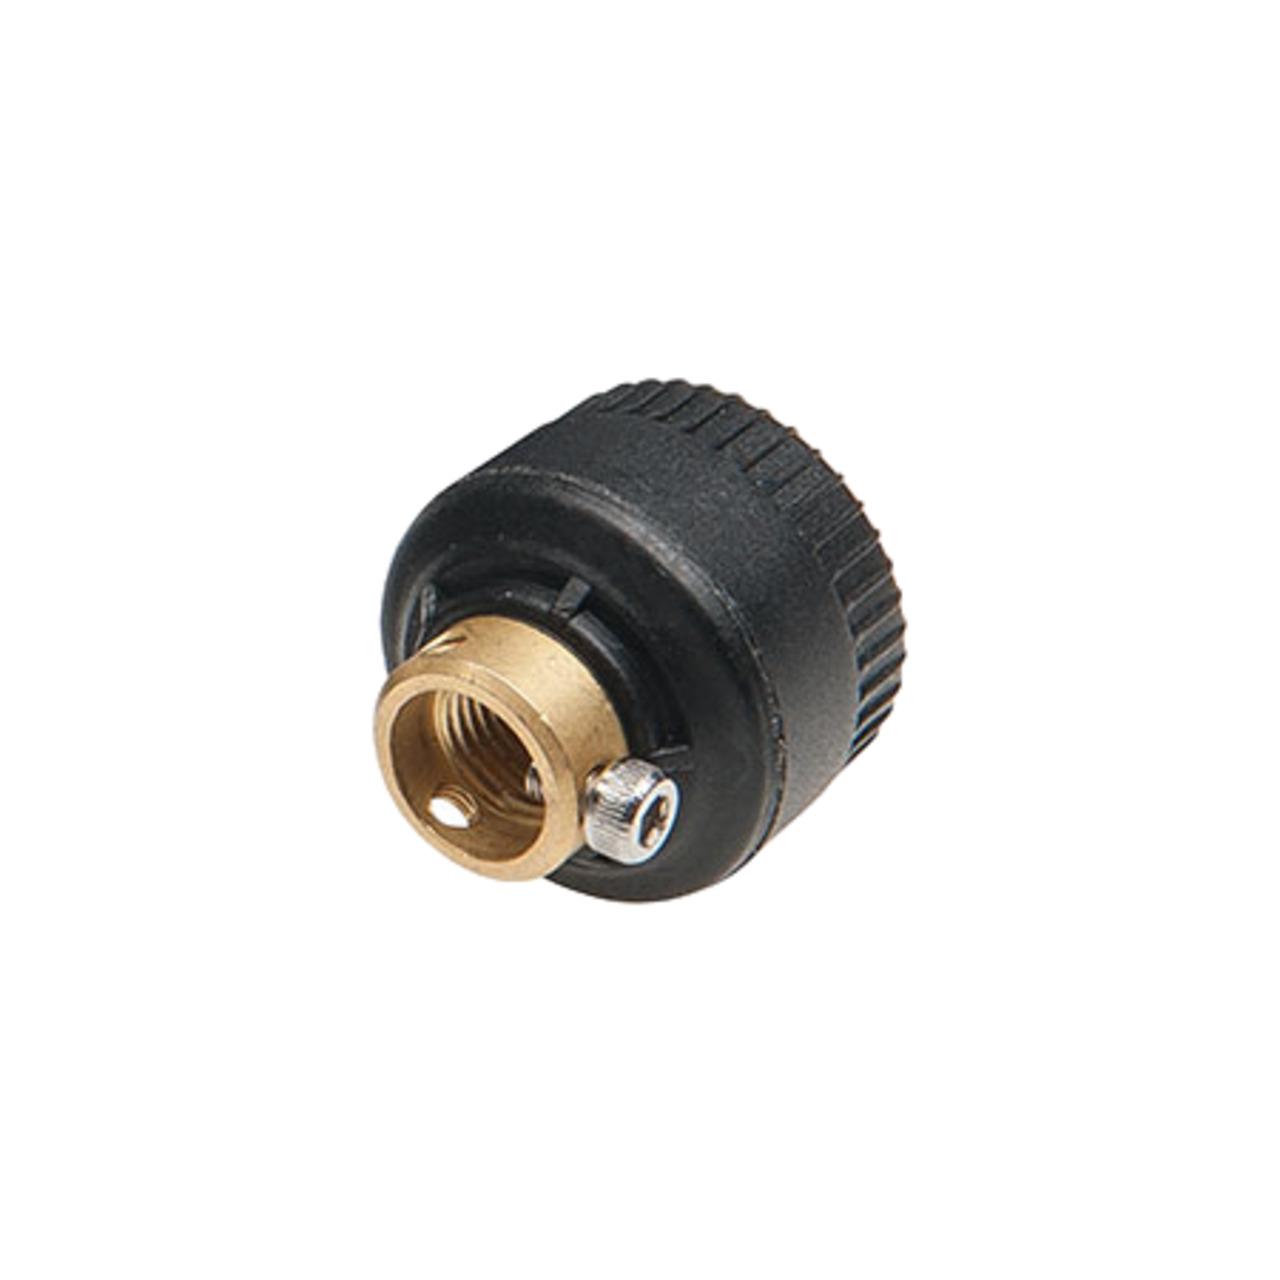 ELV Ersatzsensor für Reifendruckkontrollsysteme- geeignet für EK215- M3+SN- TM-516+SN